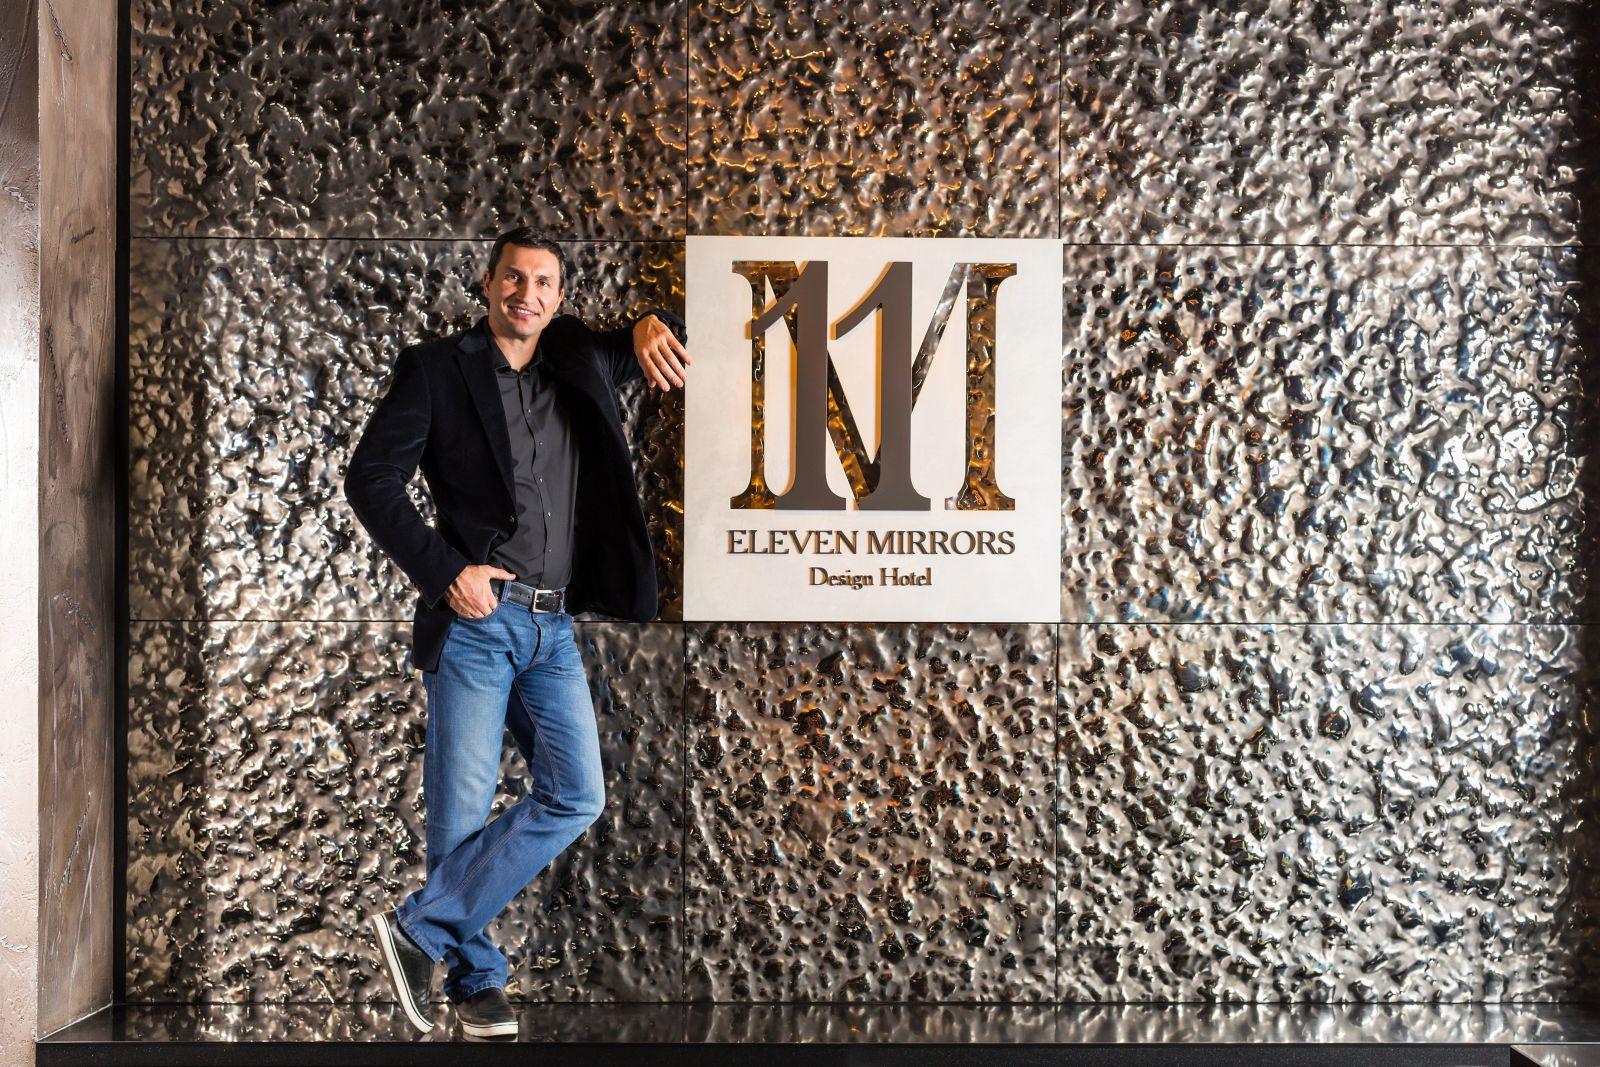 11 Mirrors поддерживает проект Фонда Кличко в помощь украинским детям